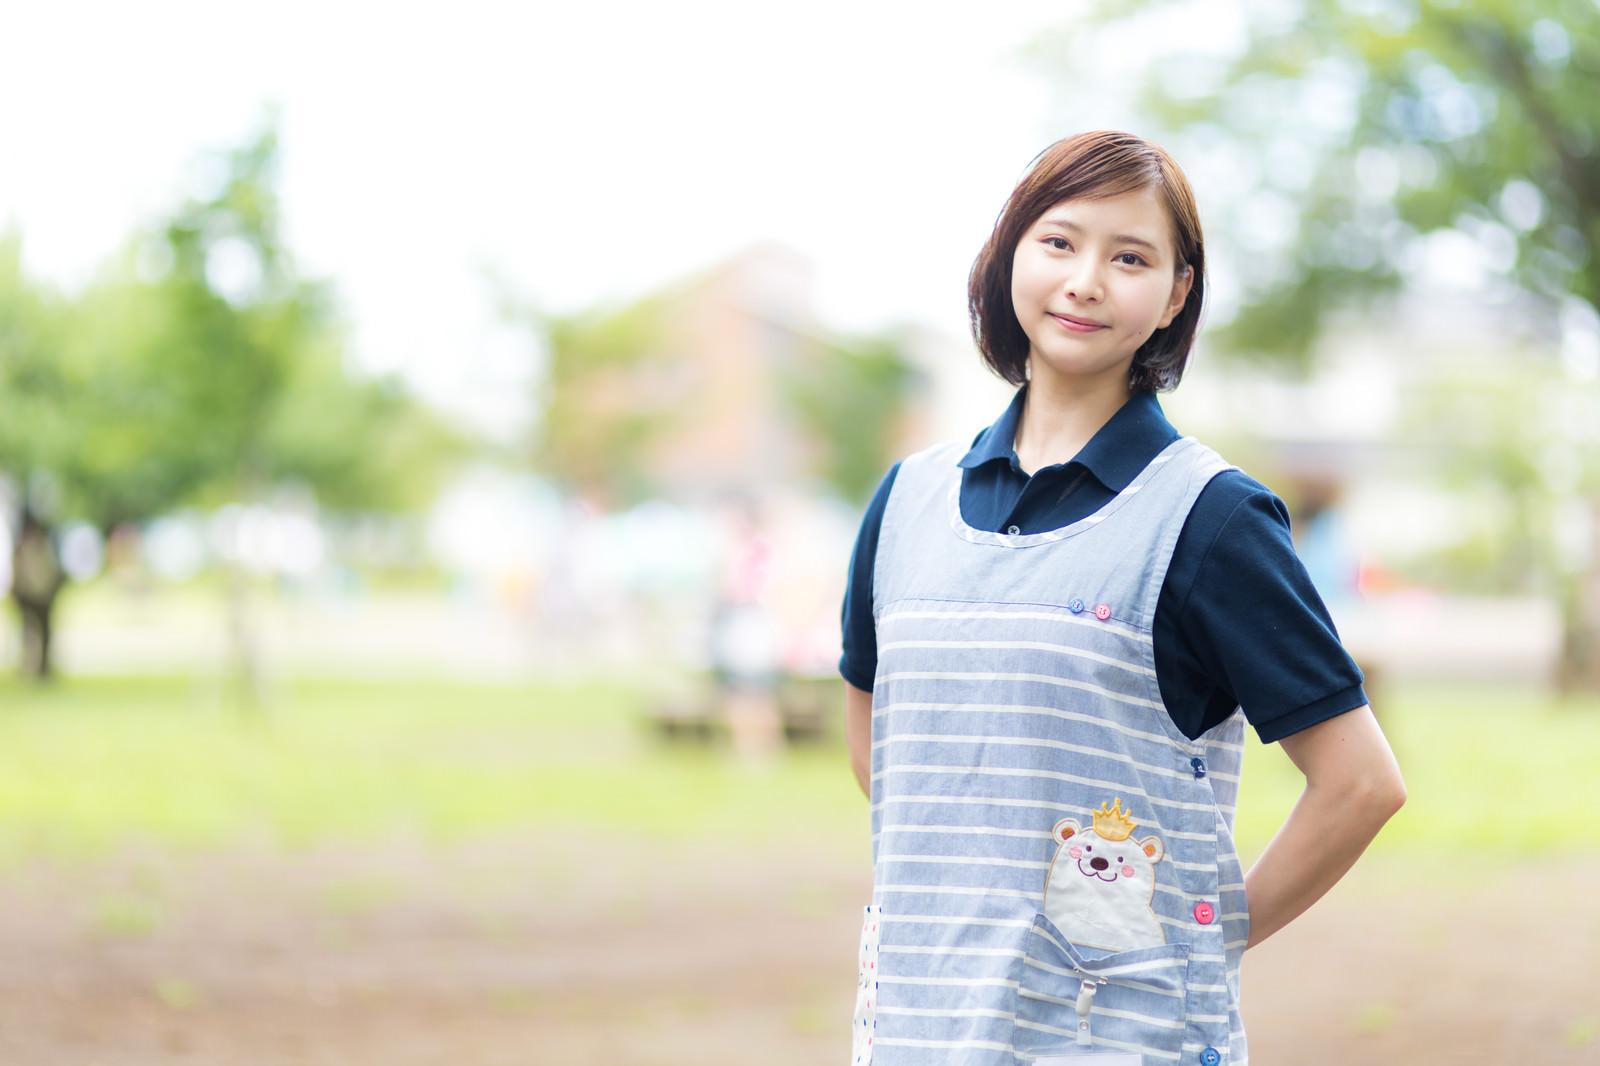 「エプロン姿の介護士の女性」の写真[モデル:yumiko]